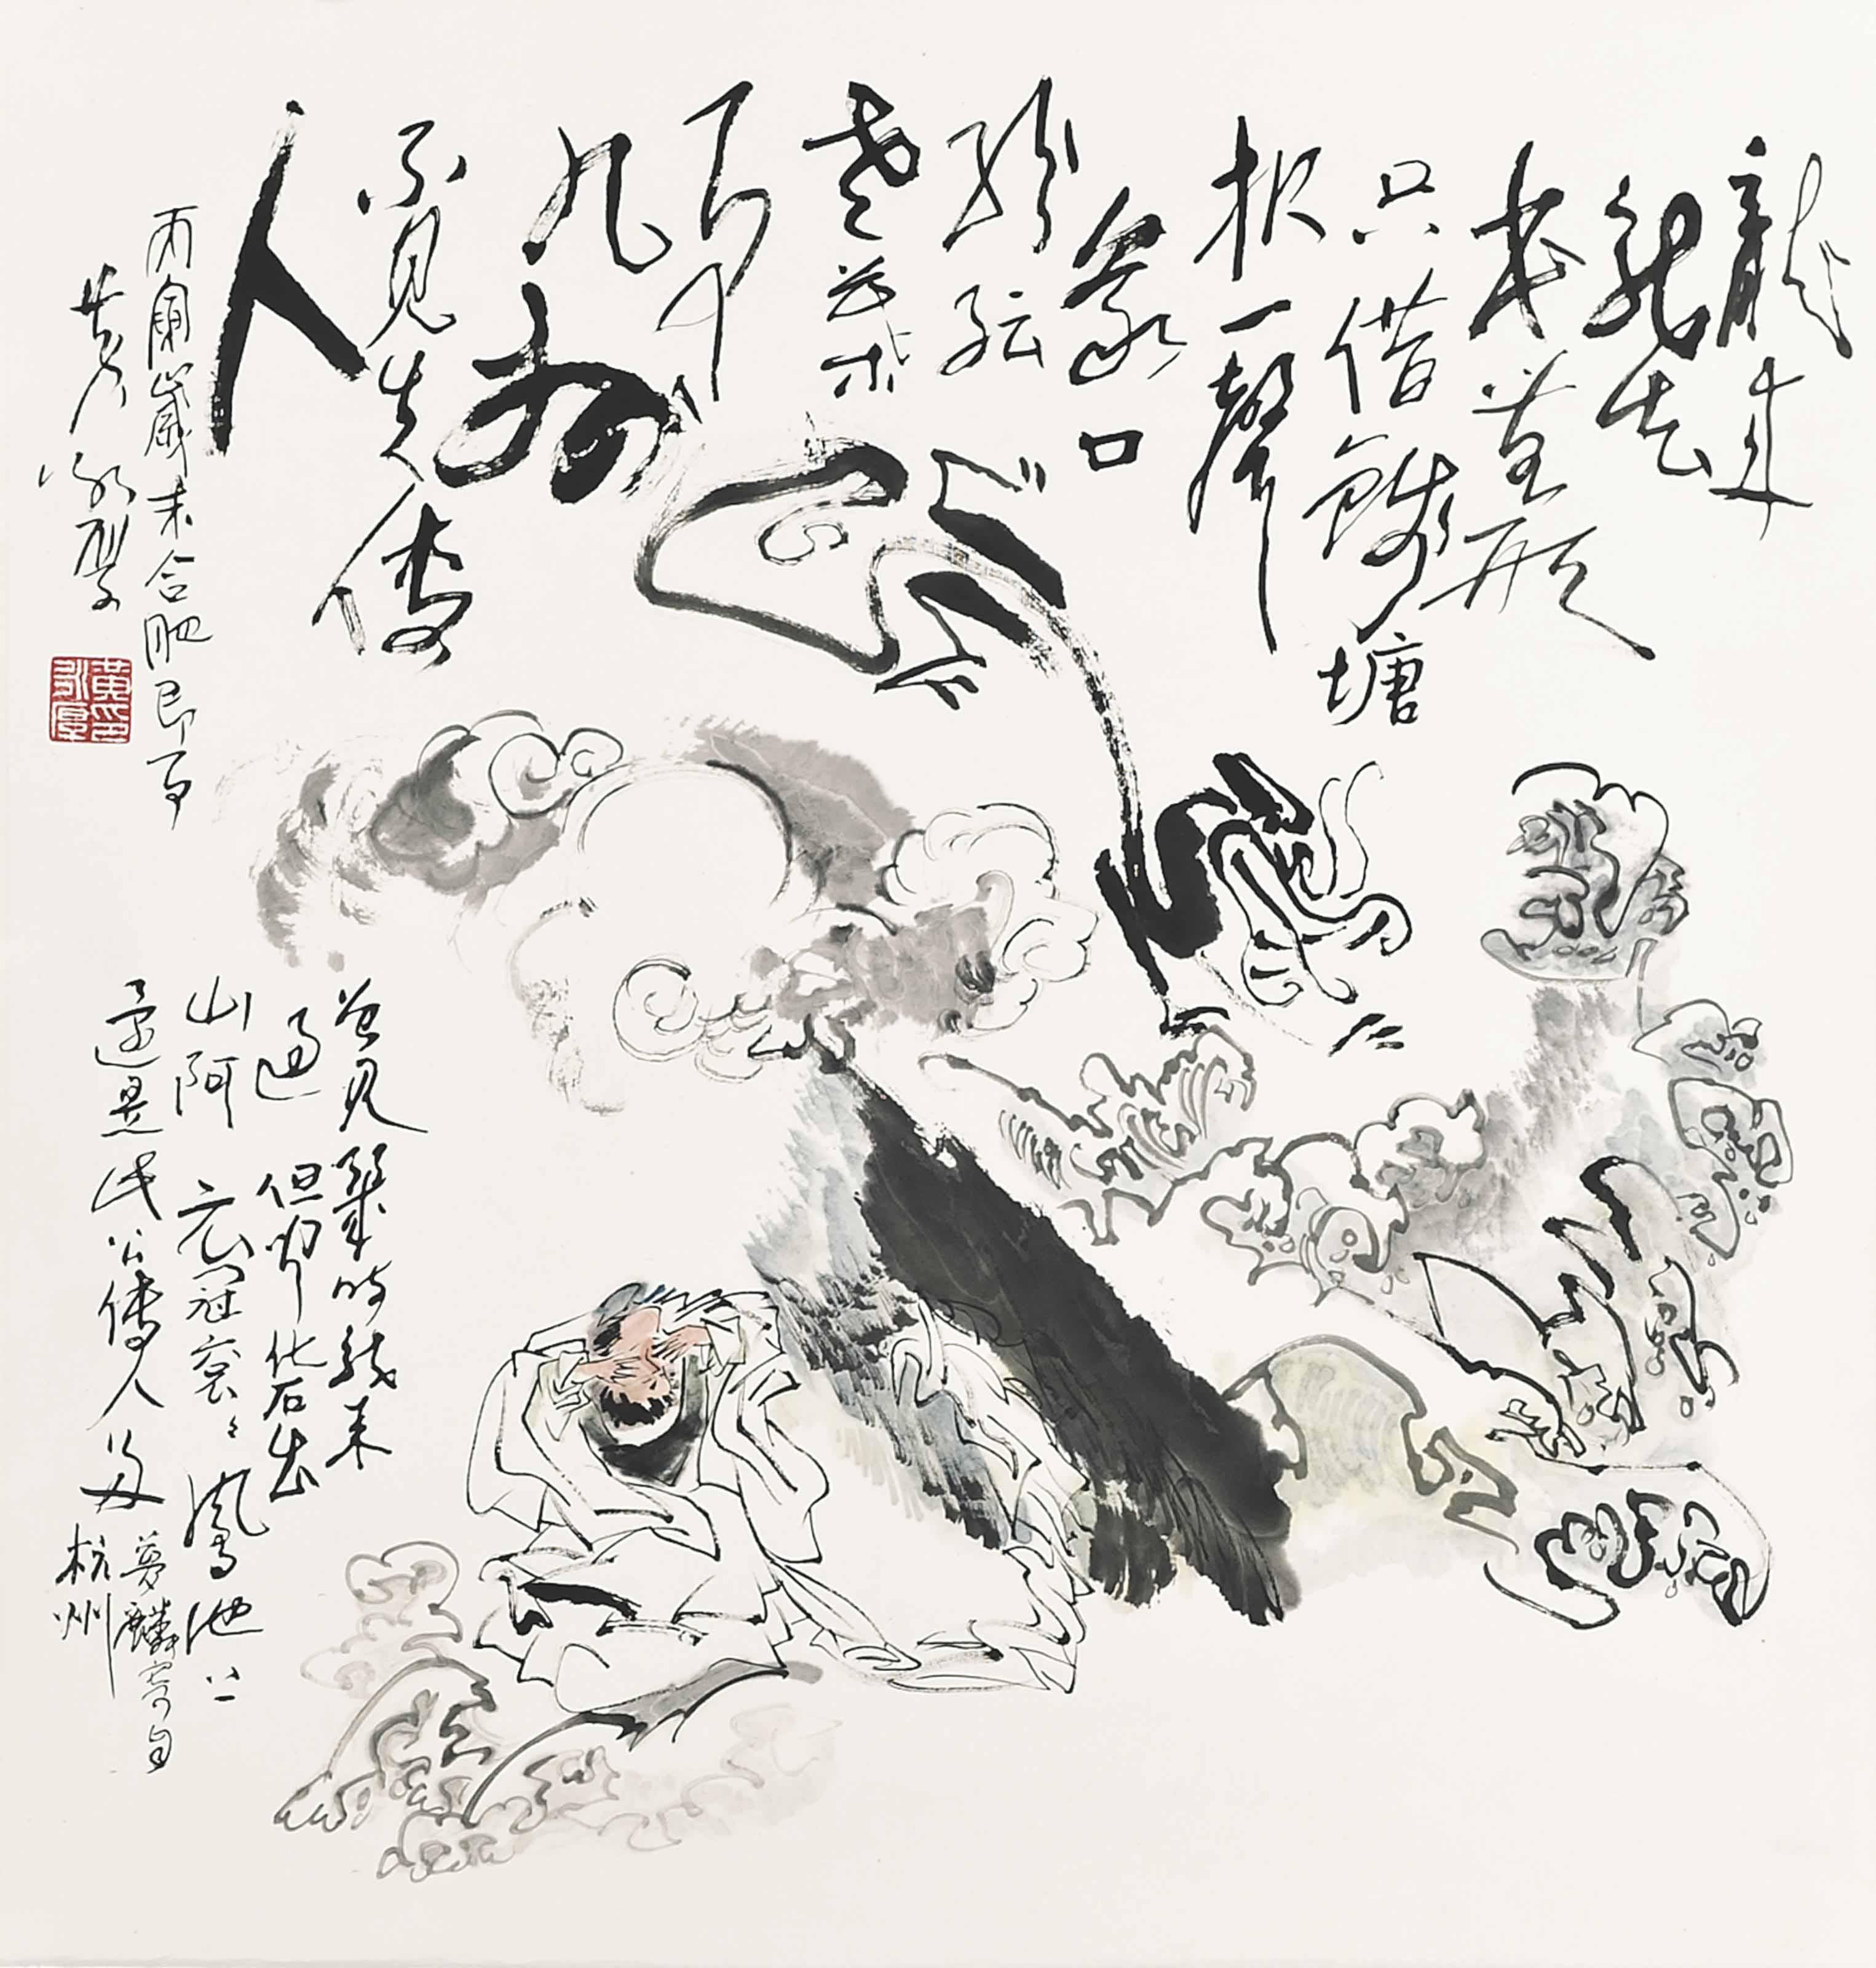 HUANG YONGHOU (B. 1930)